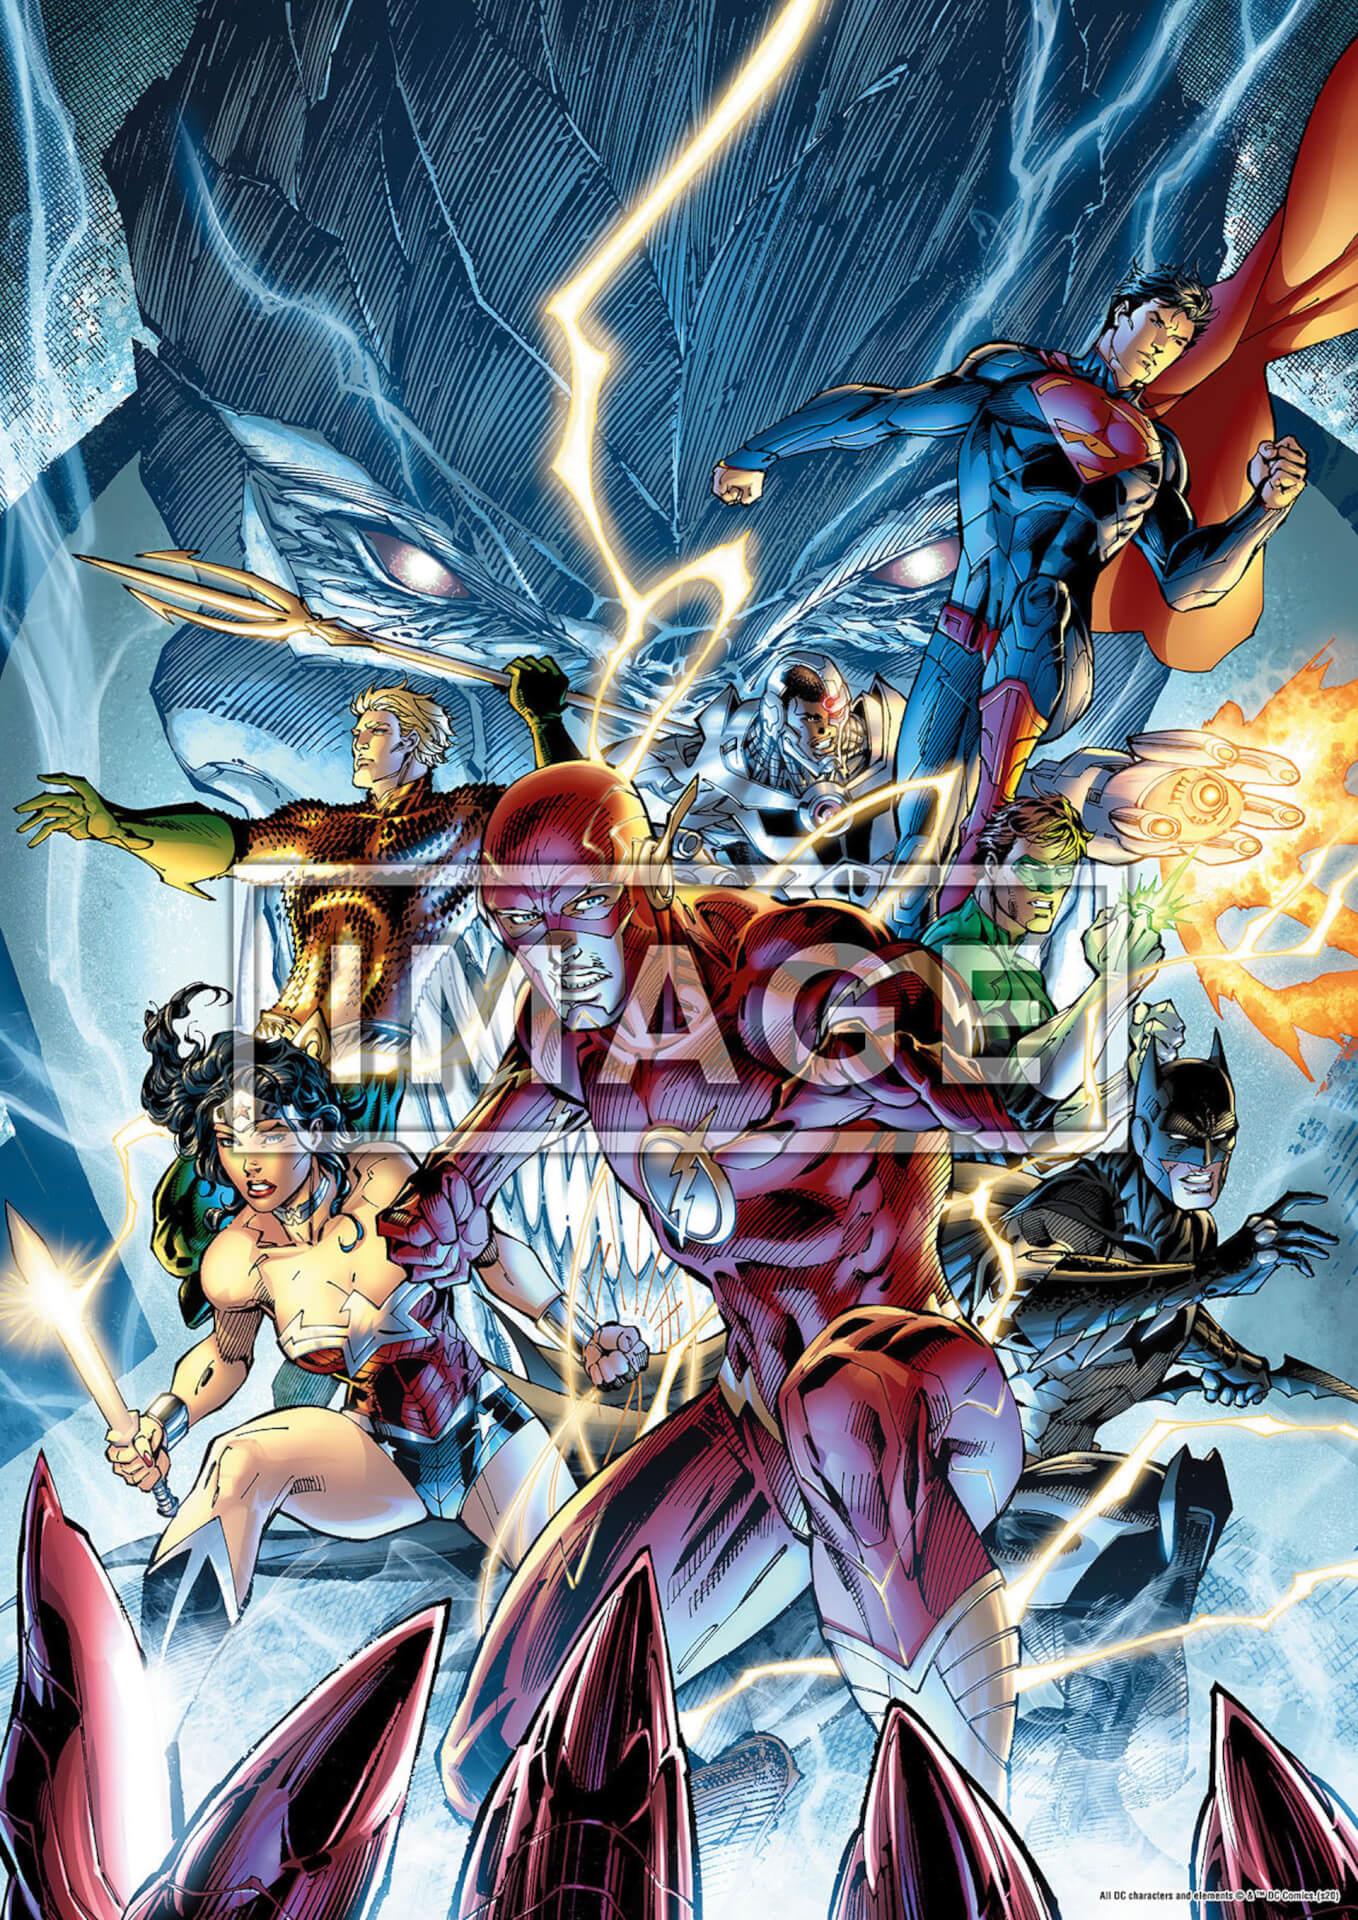 『ワンダーウーマン 1984』劇場公開記念!スーパーマン、バットマン、ジョーカーら人気DCキャラのBE@RBRICKや限定ポスターが当たるHappyくじが発売 art201216_dc_bearbrick_11